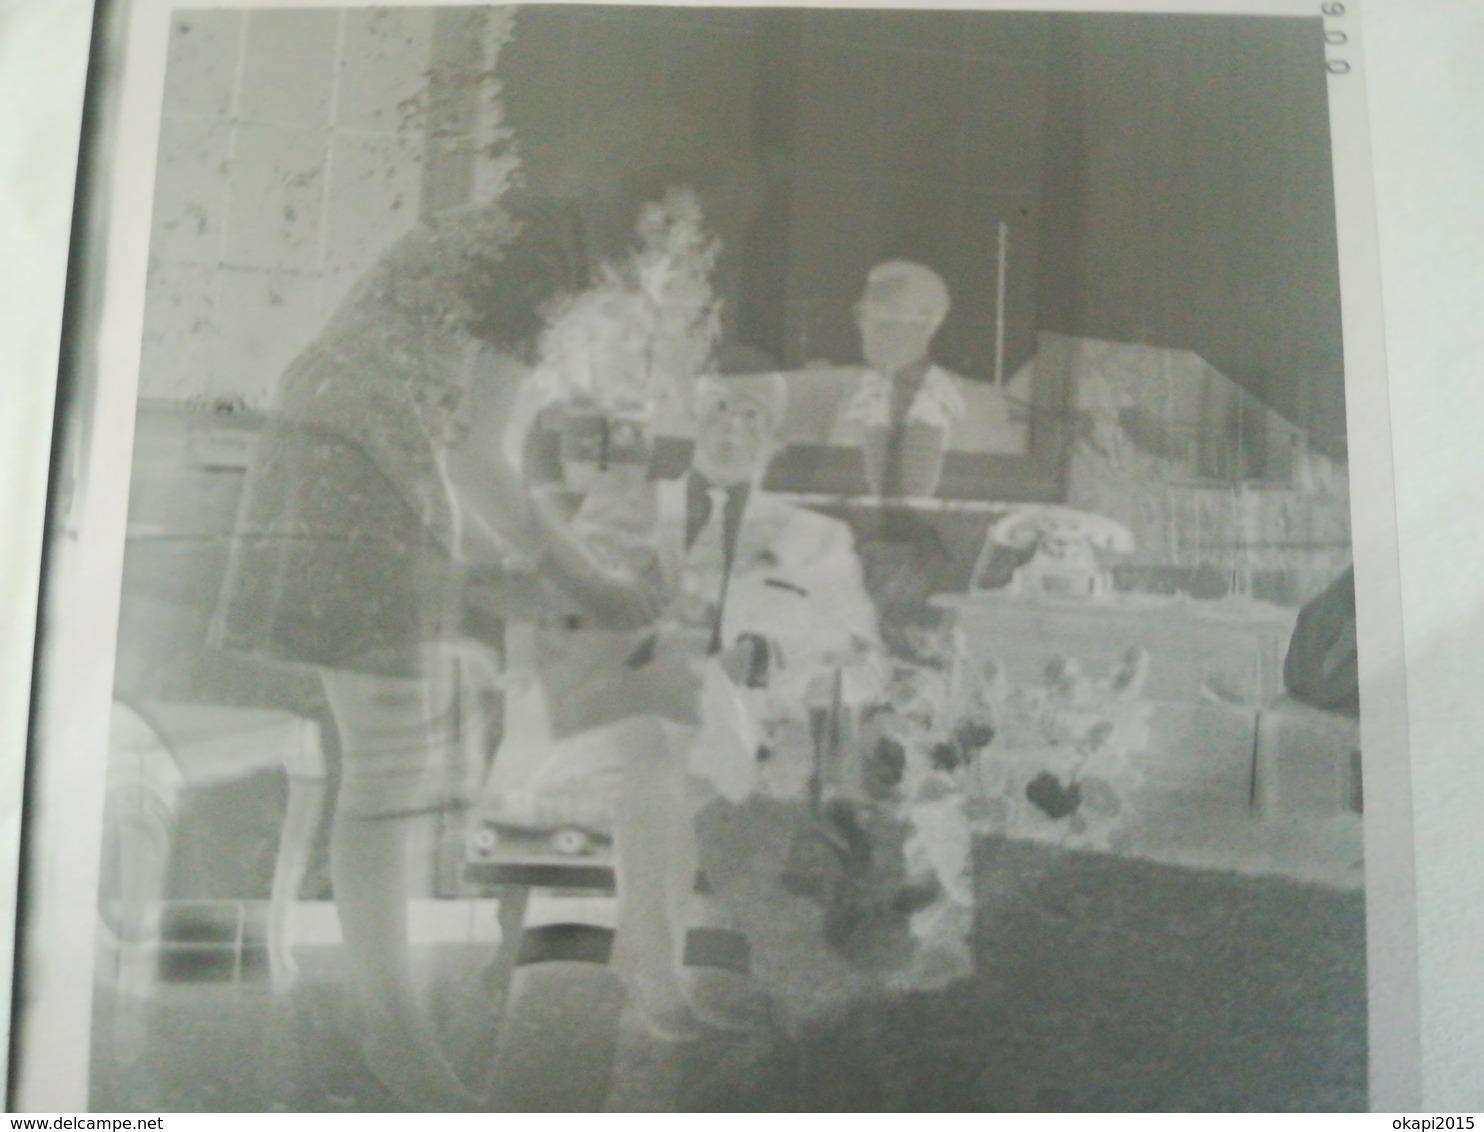 SUPERPOSITION DE 2 IMAGES SURRÉALISME WEIRD  SUR UN NÉGATIF DE PHOTO RATÉE + 6 AUTRES NÉGATIFS DE LA MÊME FAMILLE - Matériel & Accessoires